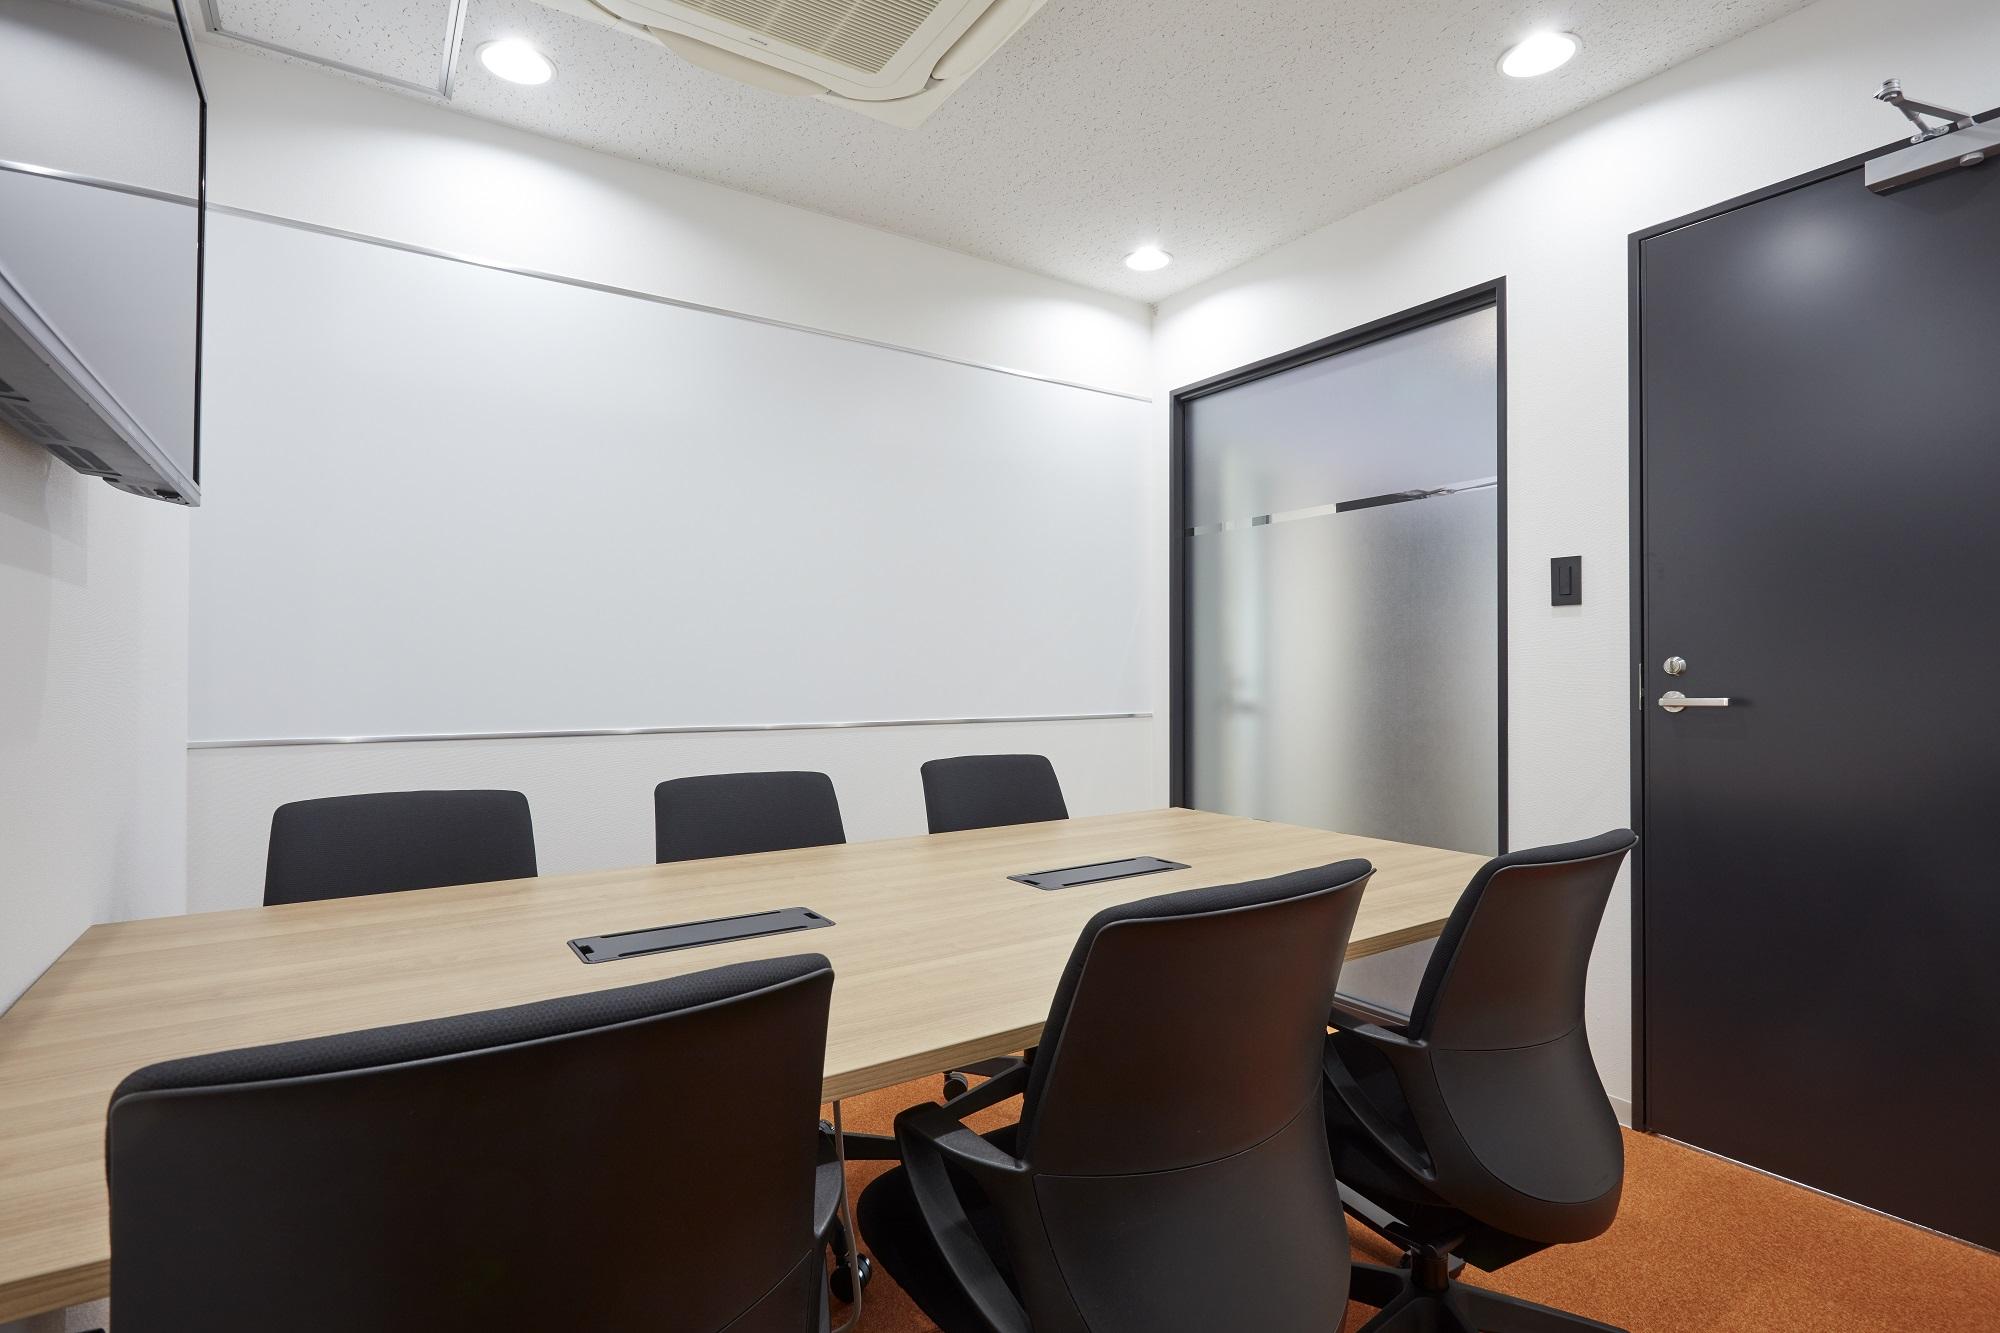 レイアウトが肝!スペース効率を追求したオフィスデザイン事例